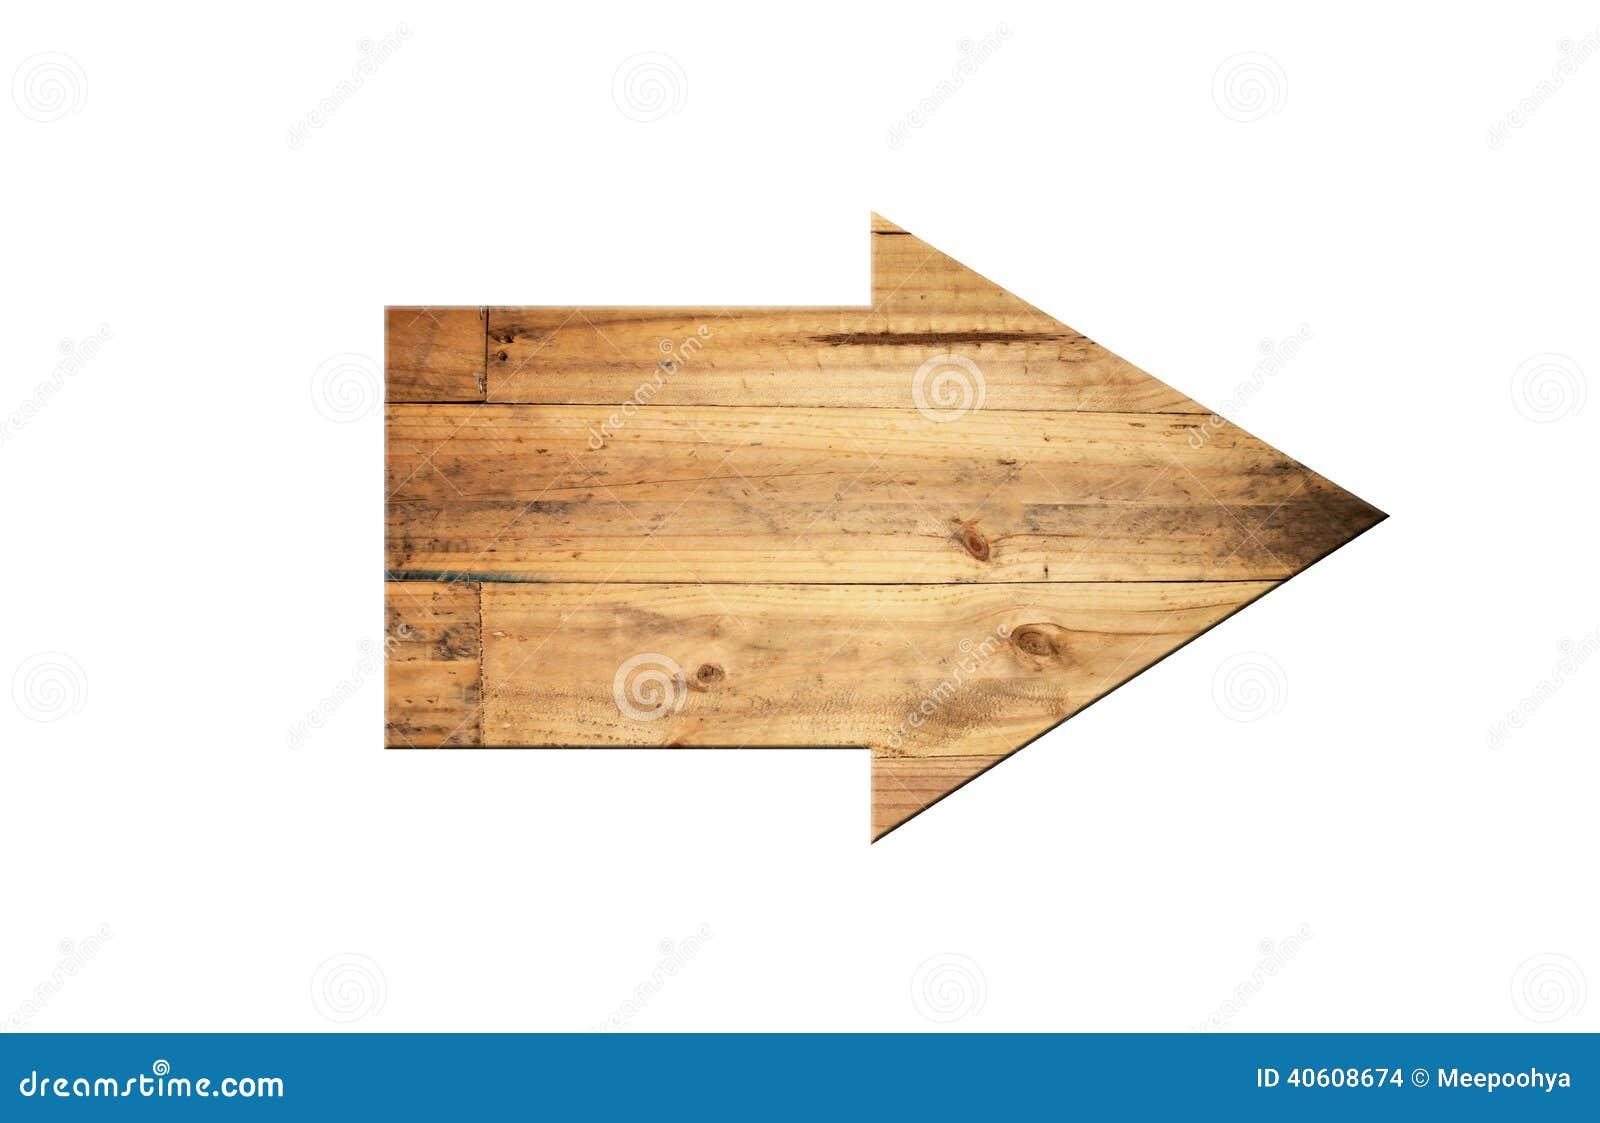 fl che directionnelle faite en vieille surface en bois photo stock image 40608674. Black Bedroom Furniture Sets. Home Design Ideas